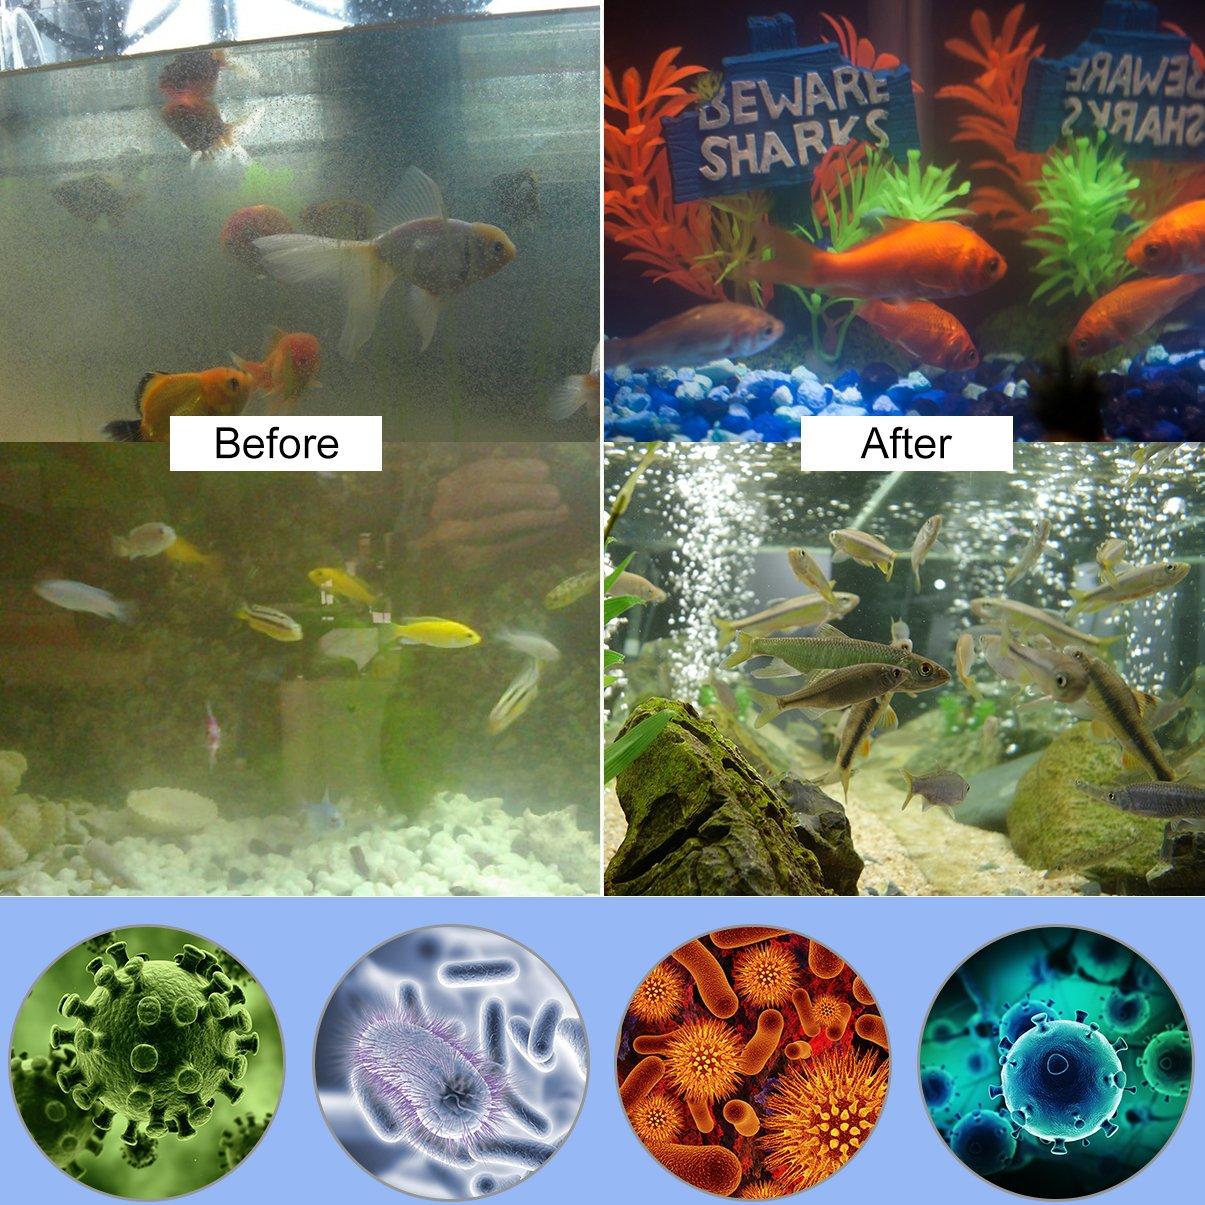 LEDGLE 11W UV esterilizador luz sumergible luz UV impermeable algas matar lámpara para acuario, pecera: Amazon.es: Iluminación